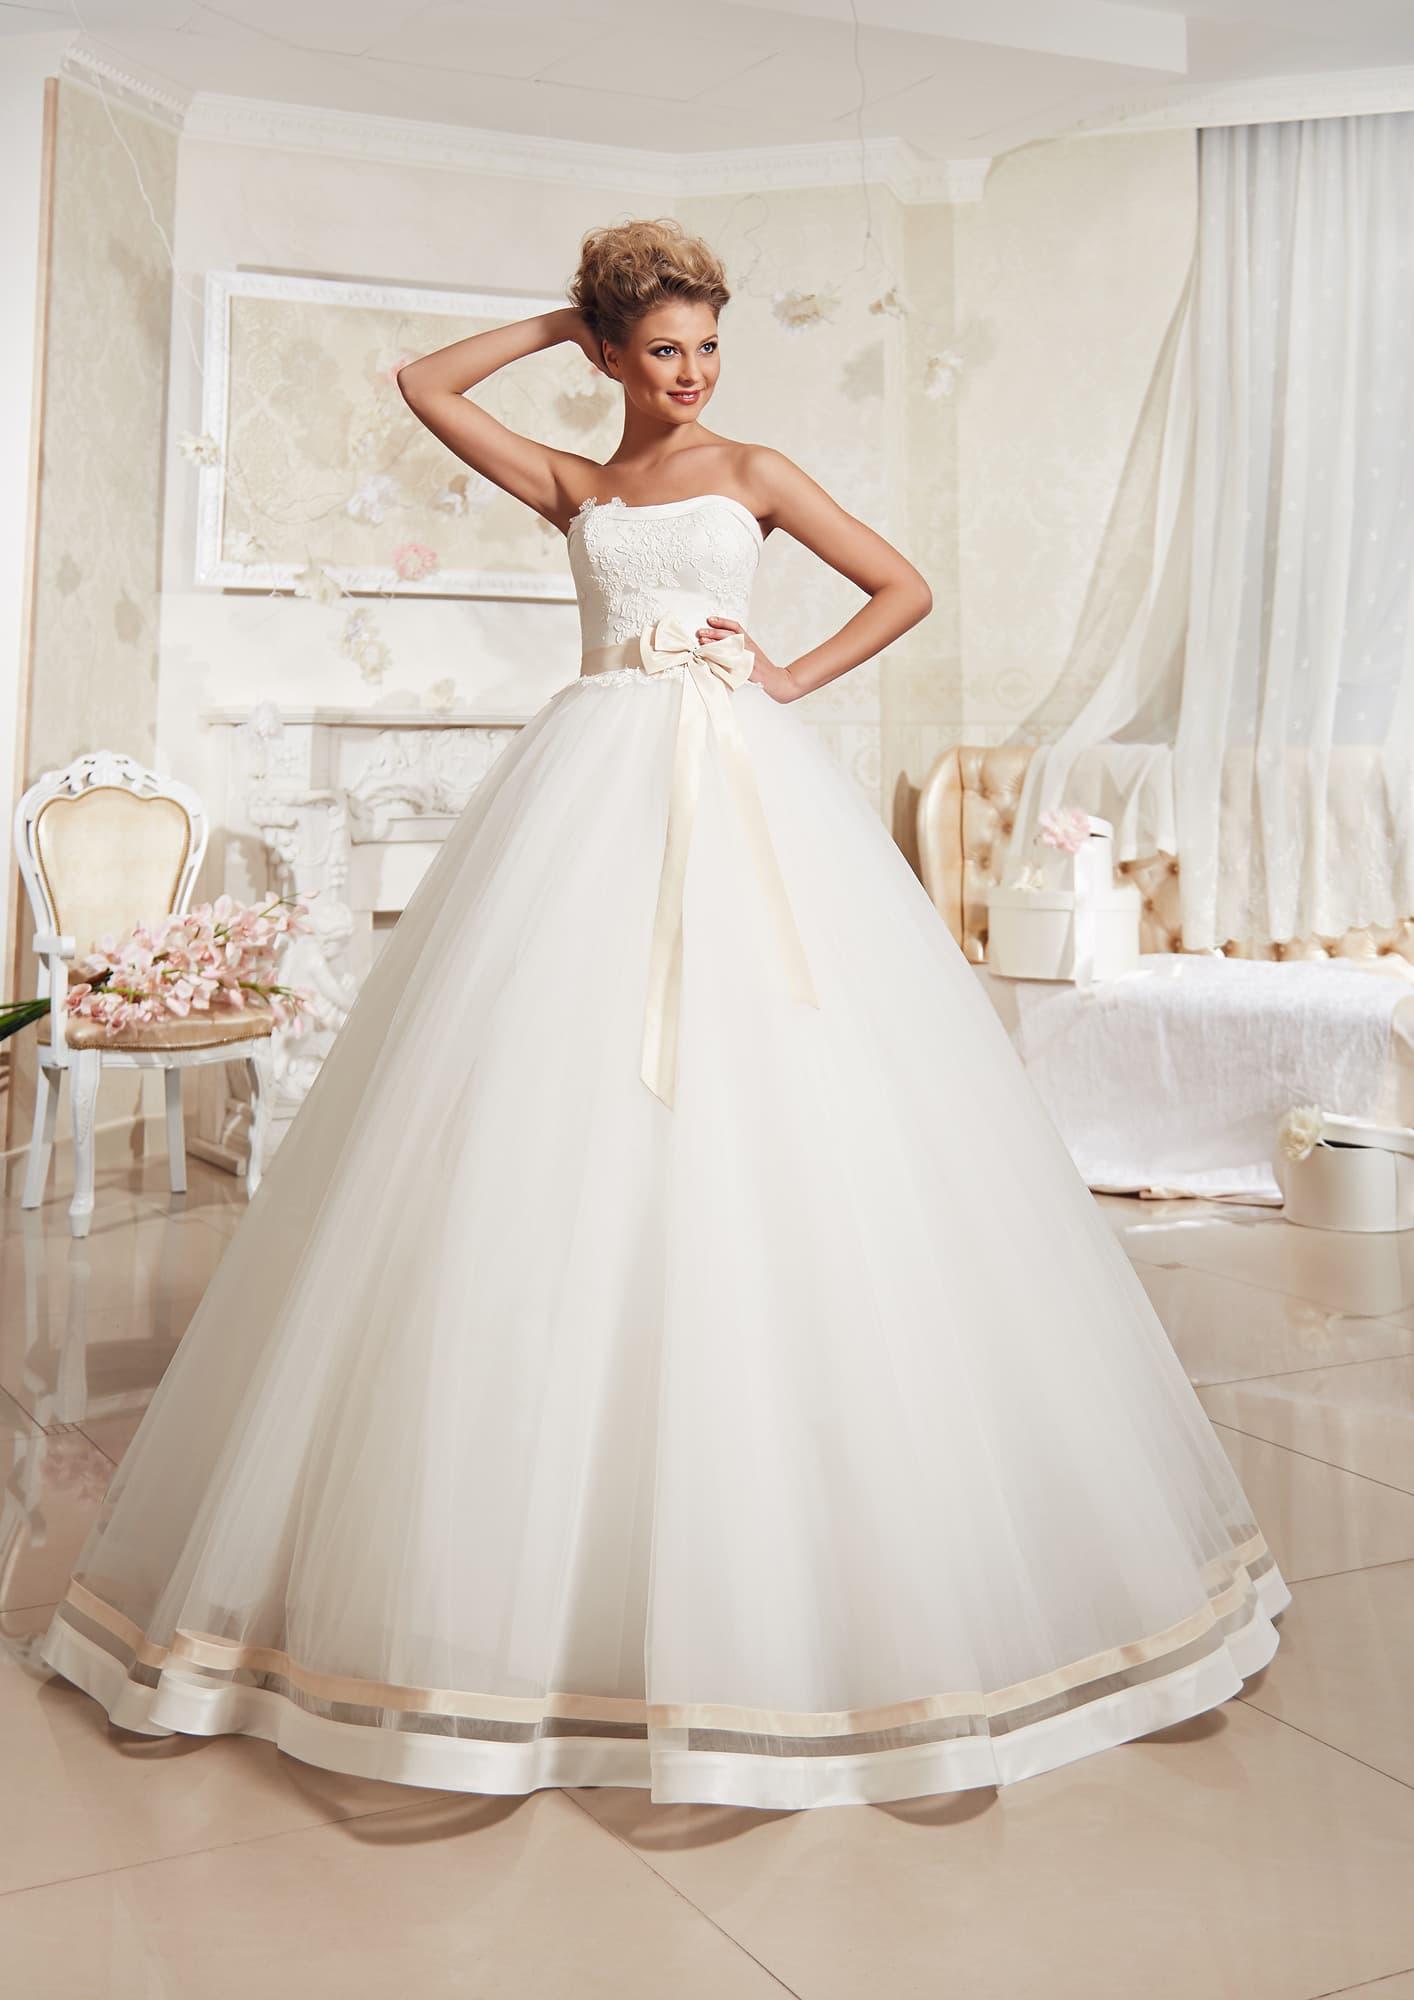 be32661091e6e4d Пышное свадебное платье с декором из атласных полос по нижнему краю подола  и на корсете.